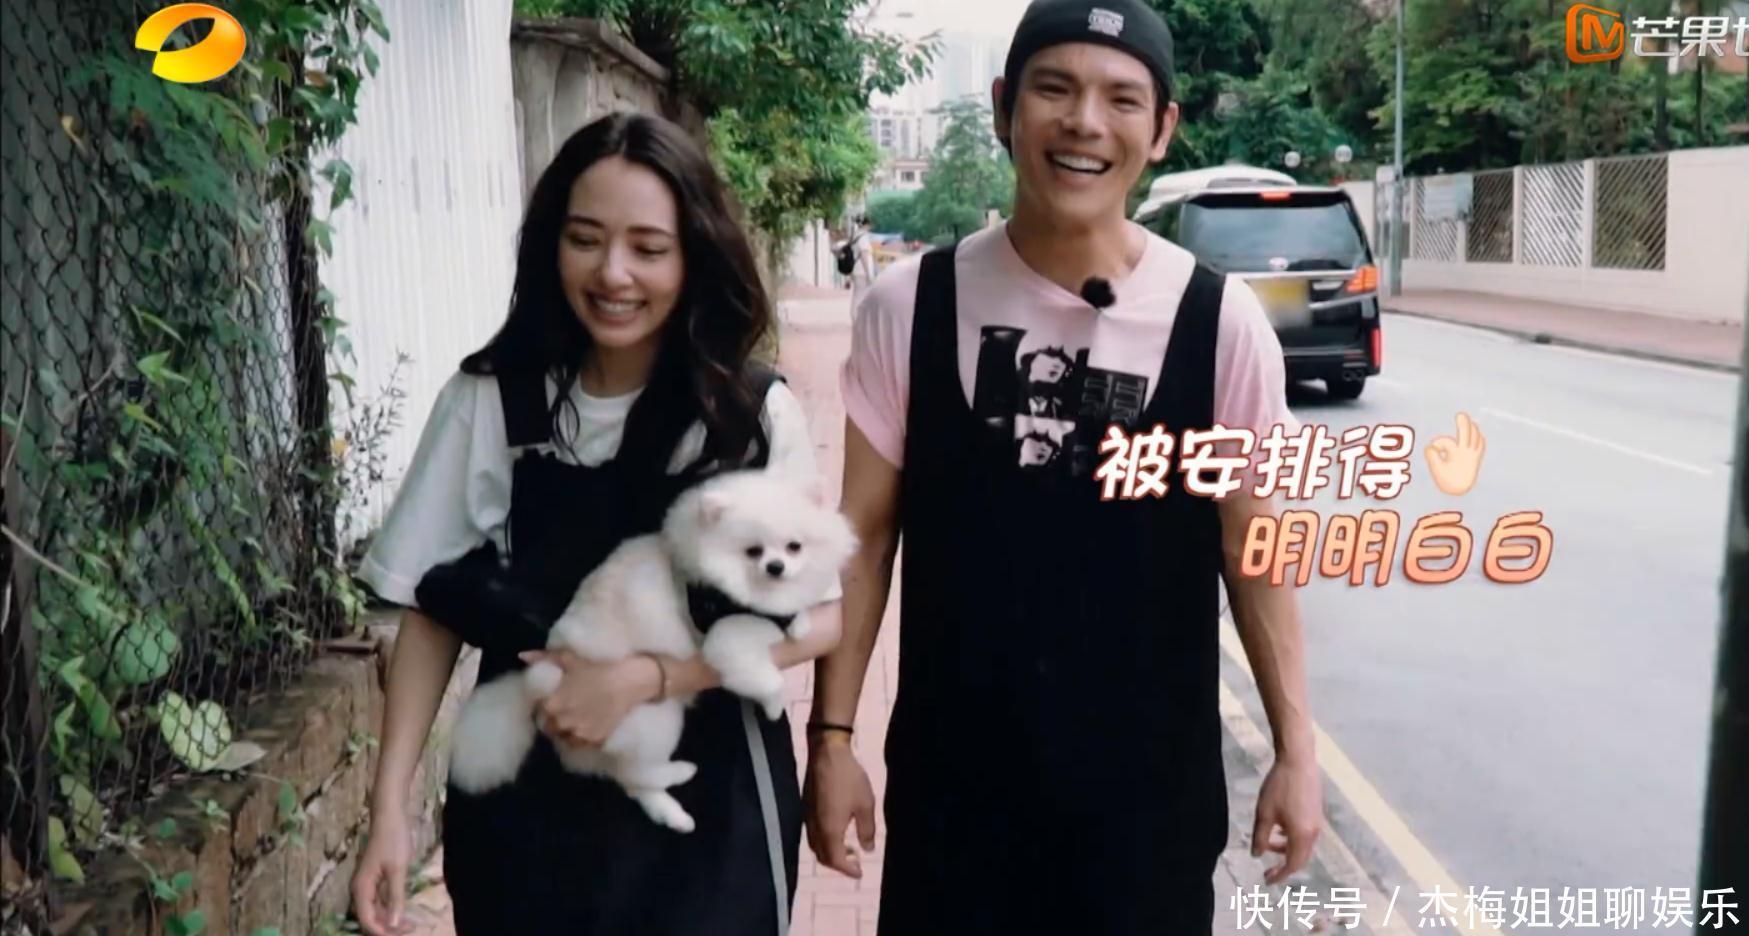 郭碧婷是真的爱小动物吗?单凭她抱宠物狗的姿势,就暴露了真相!